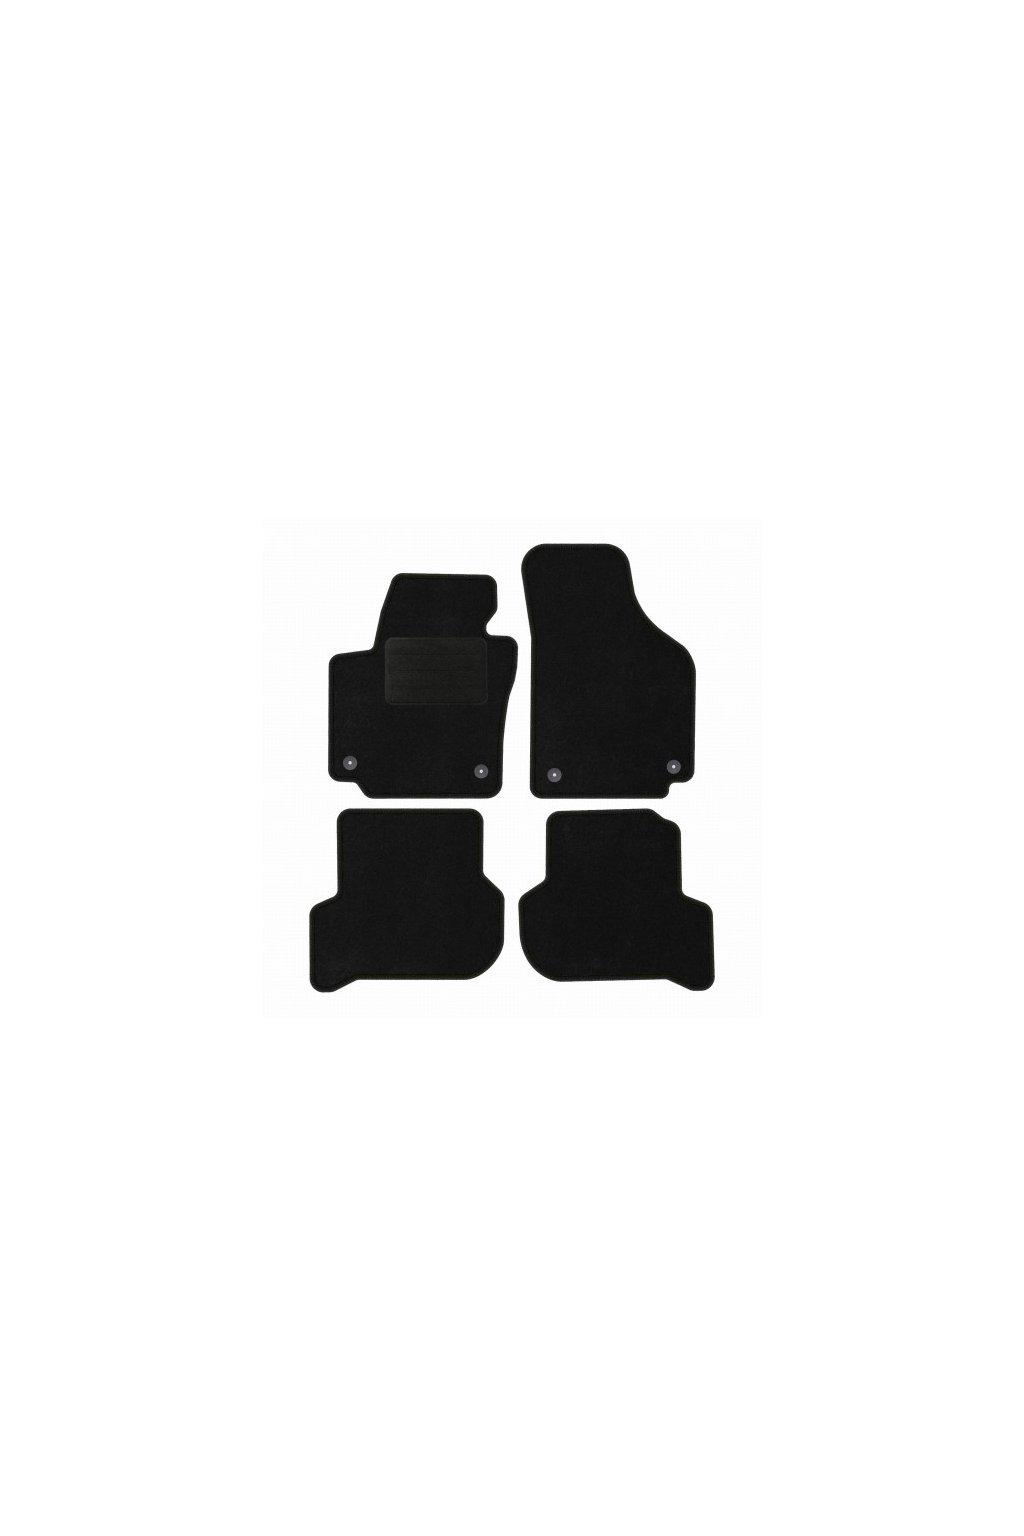 Koberce textilni Seat Altea XL 2006-2015